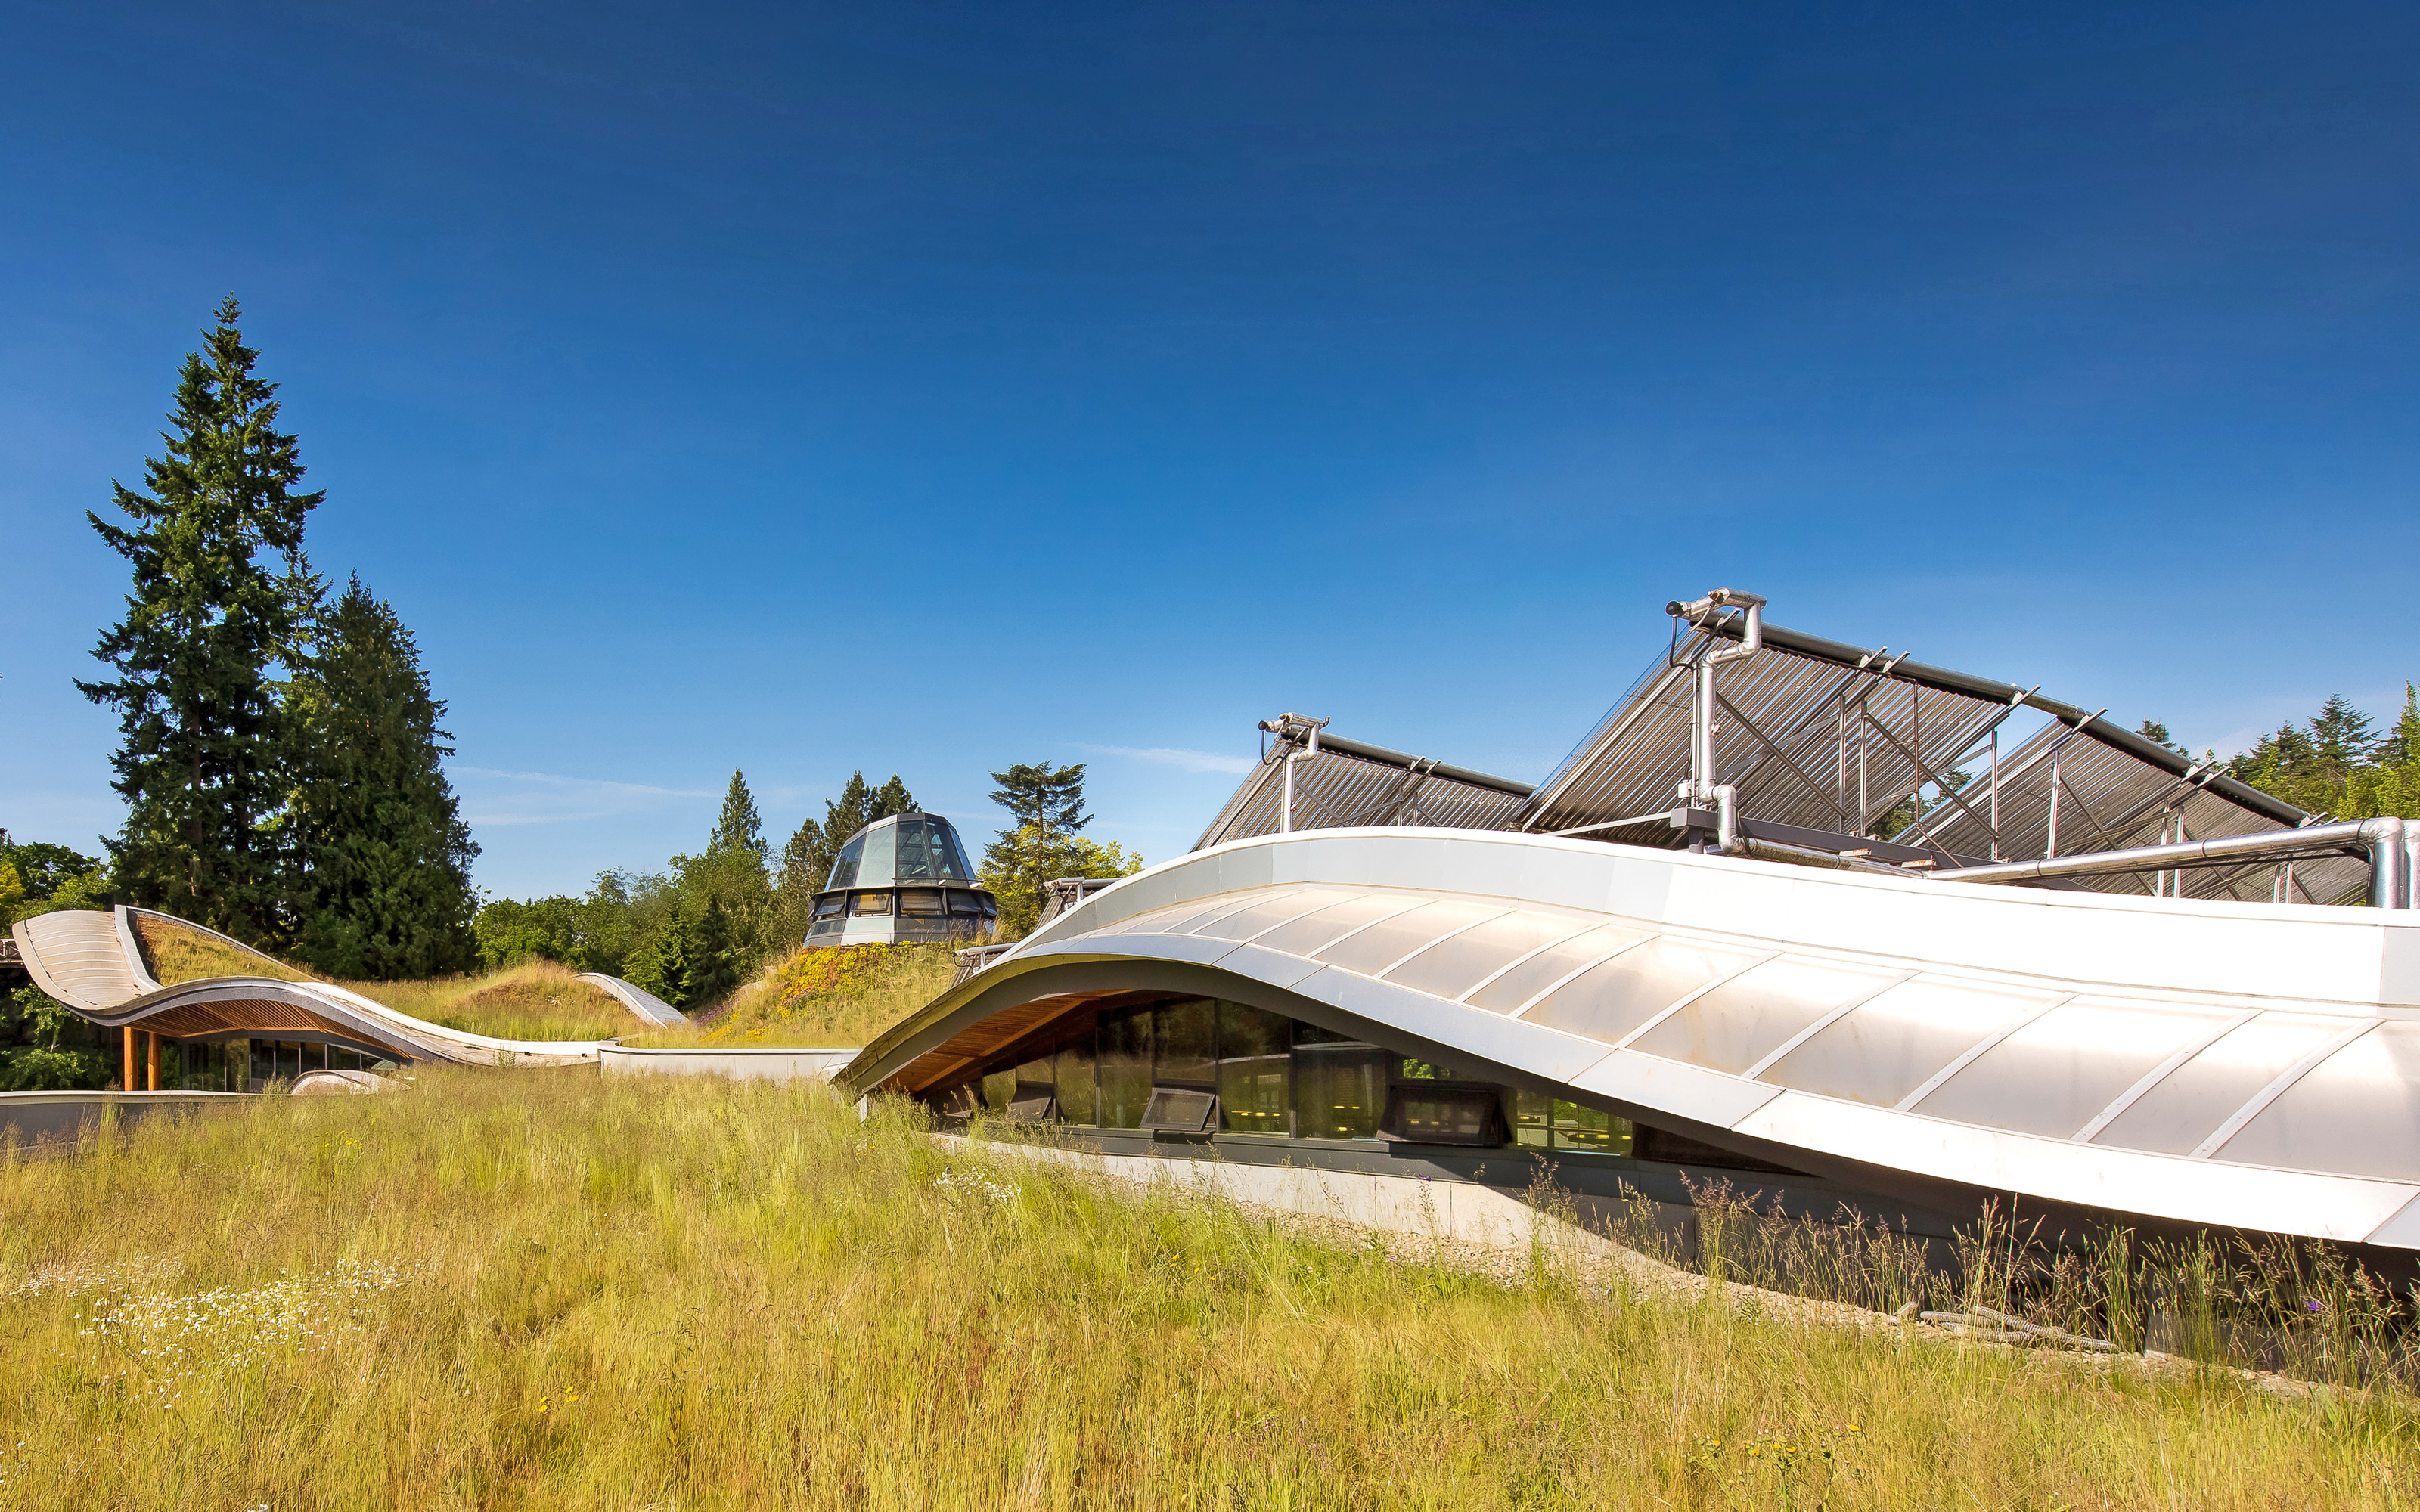 Van Dusen Botanical Garden Vancouver Zinco Green Roof